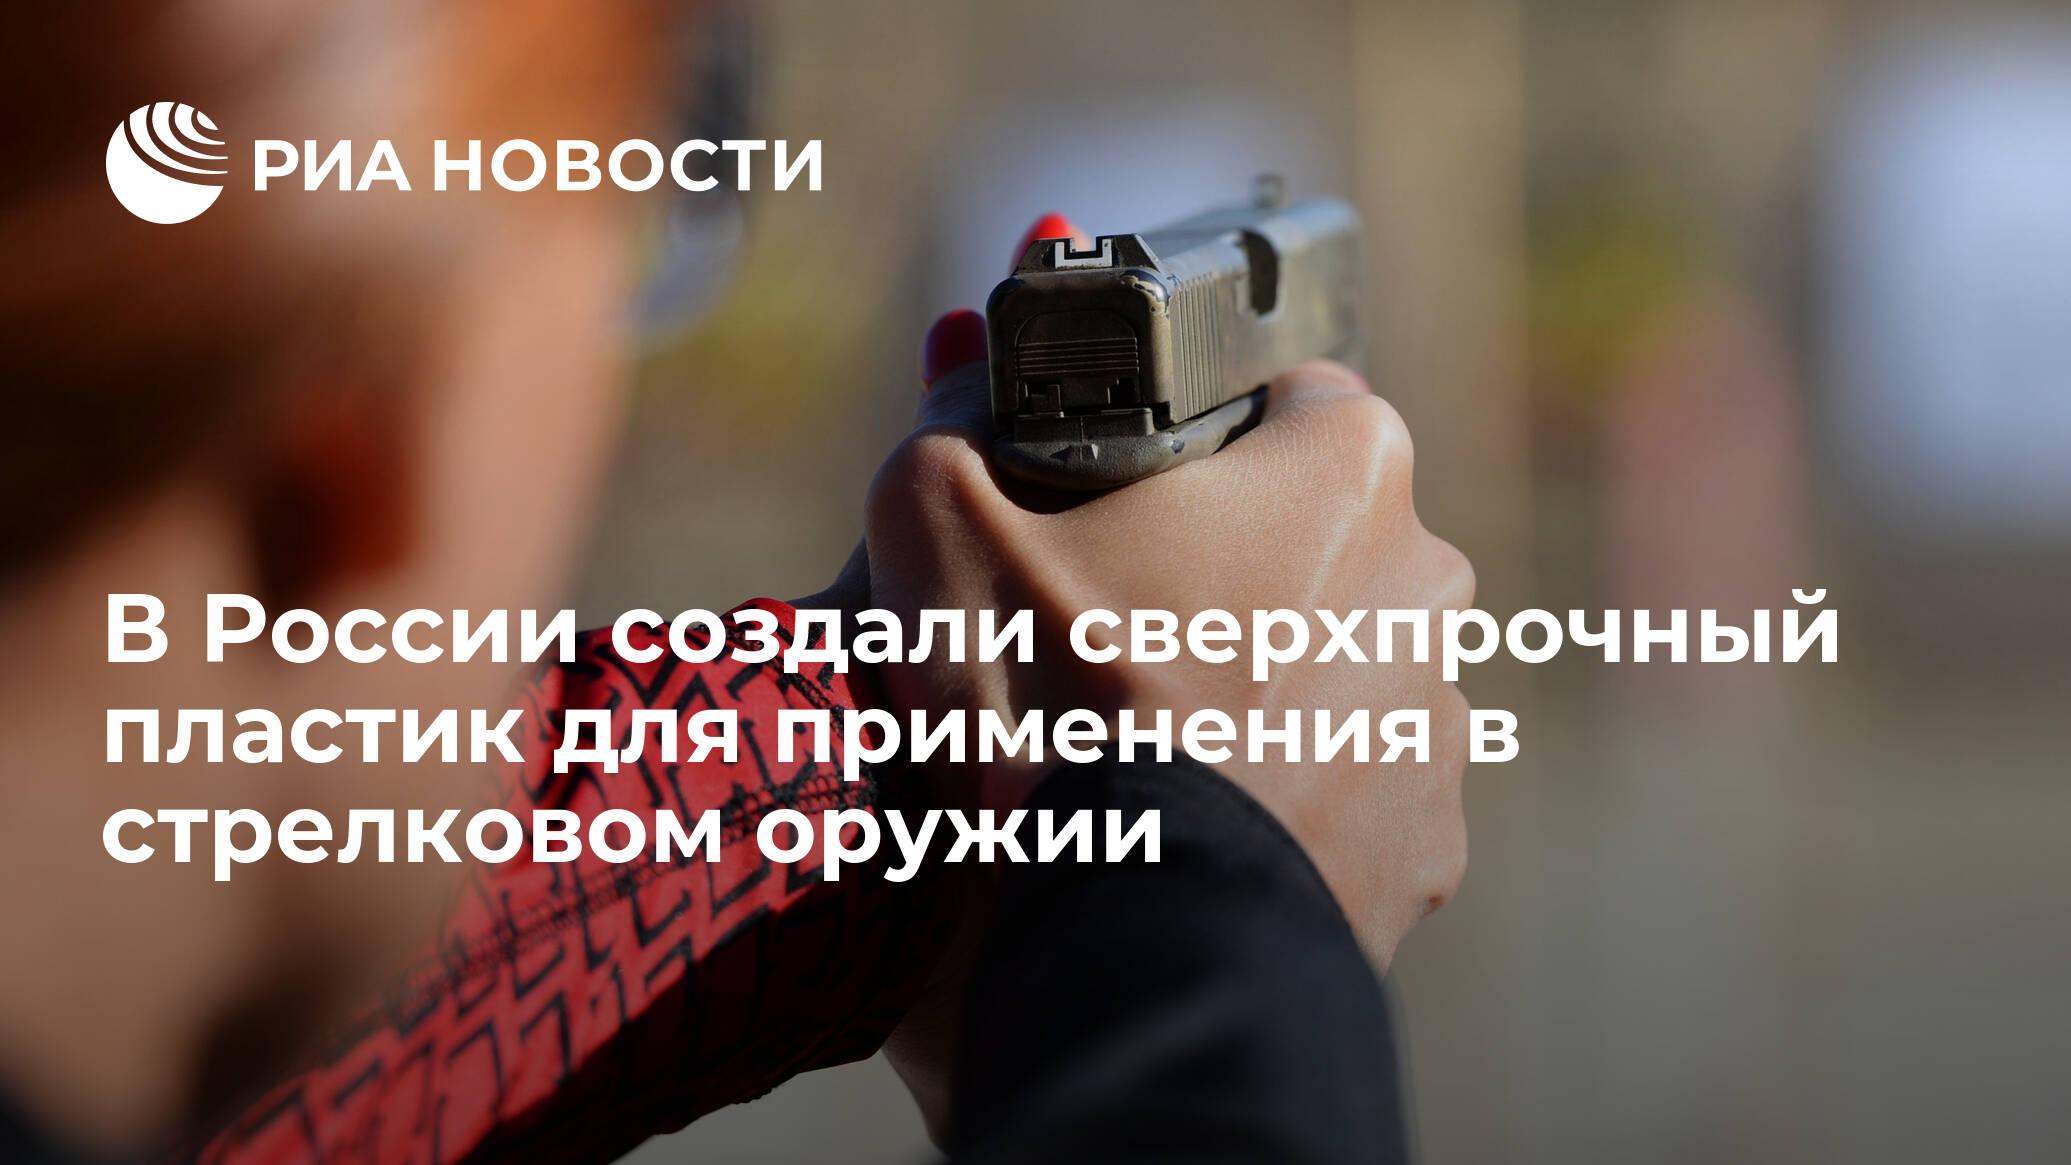 В России создали сверхпрочный пластик для применения в стрелковом оружии